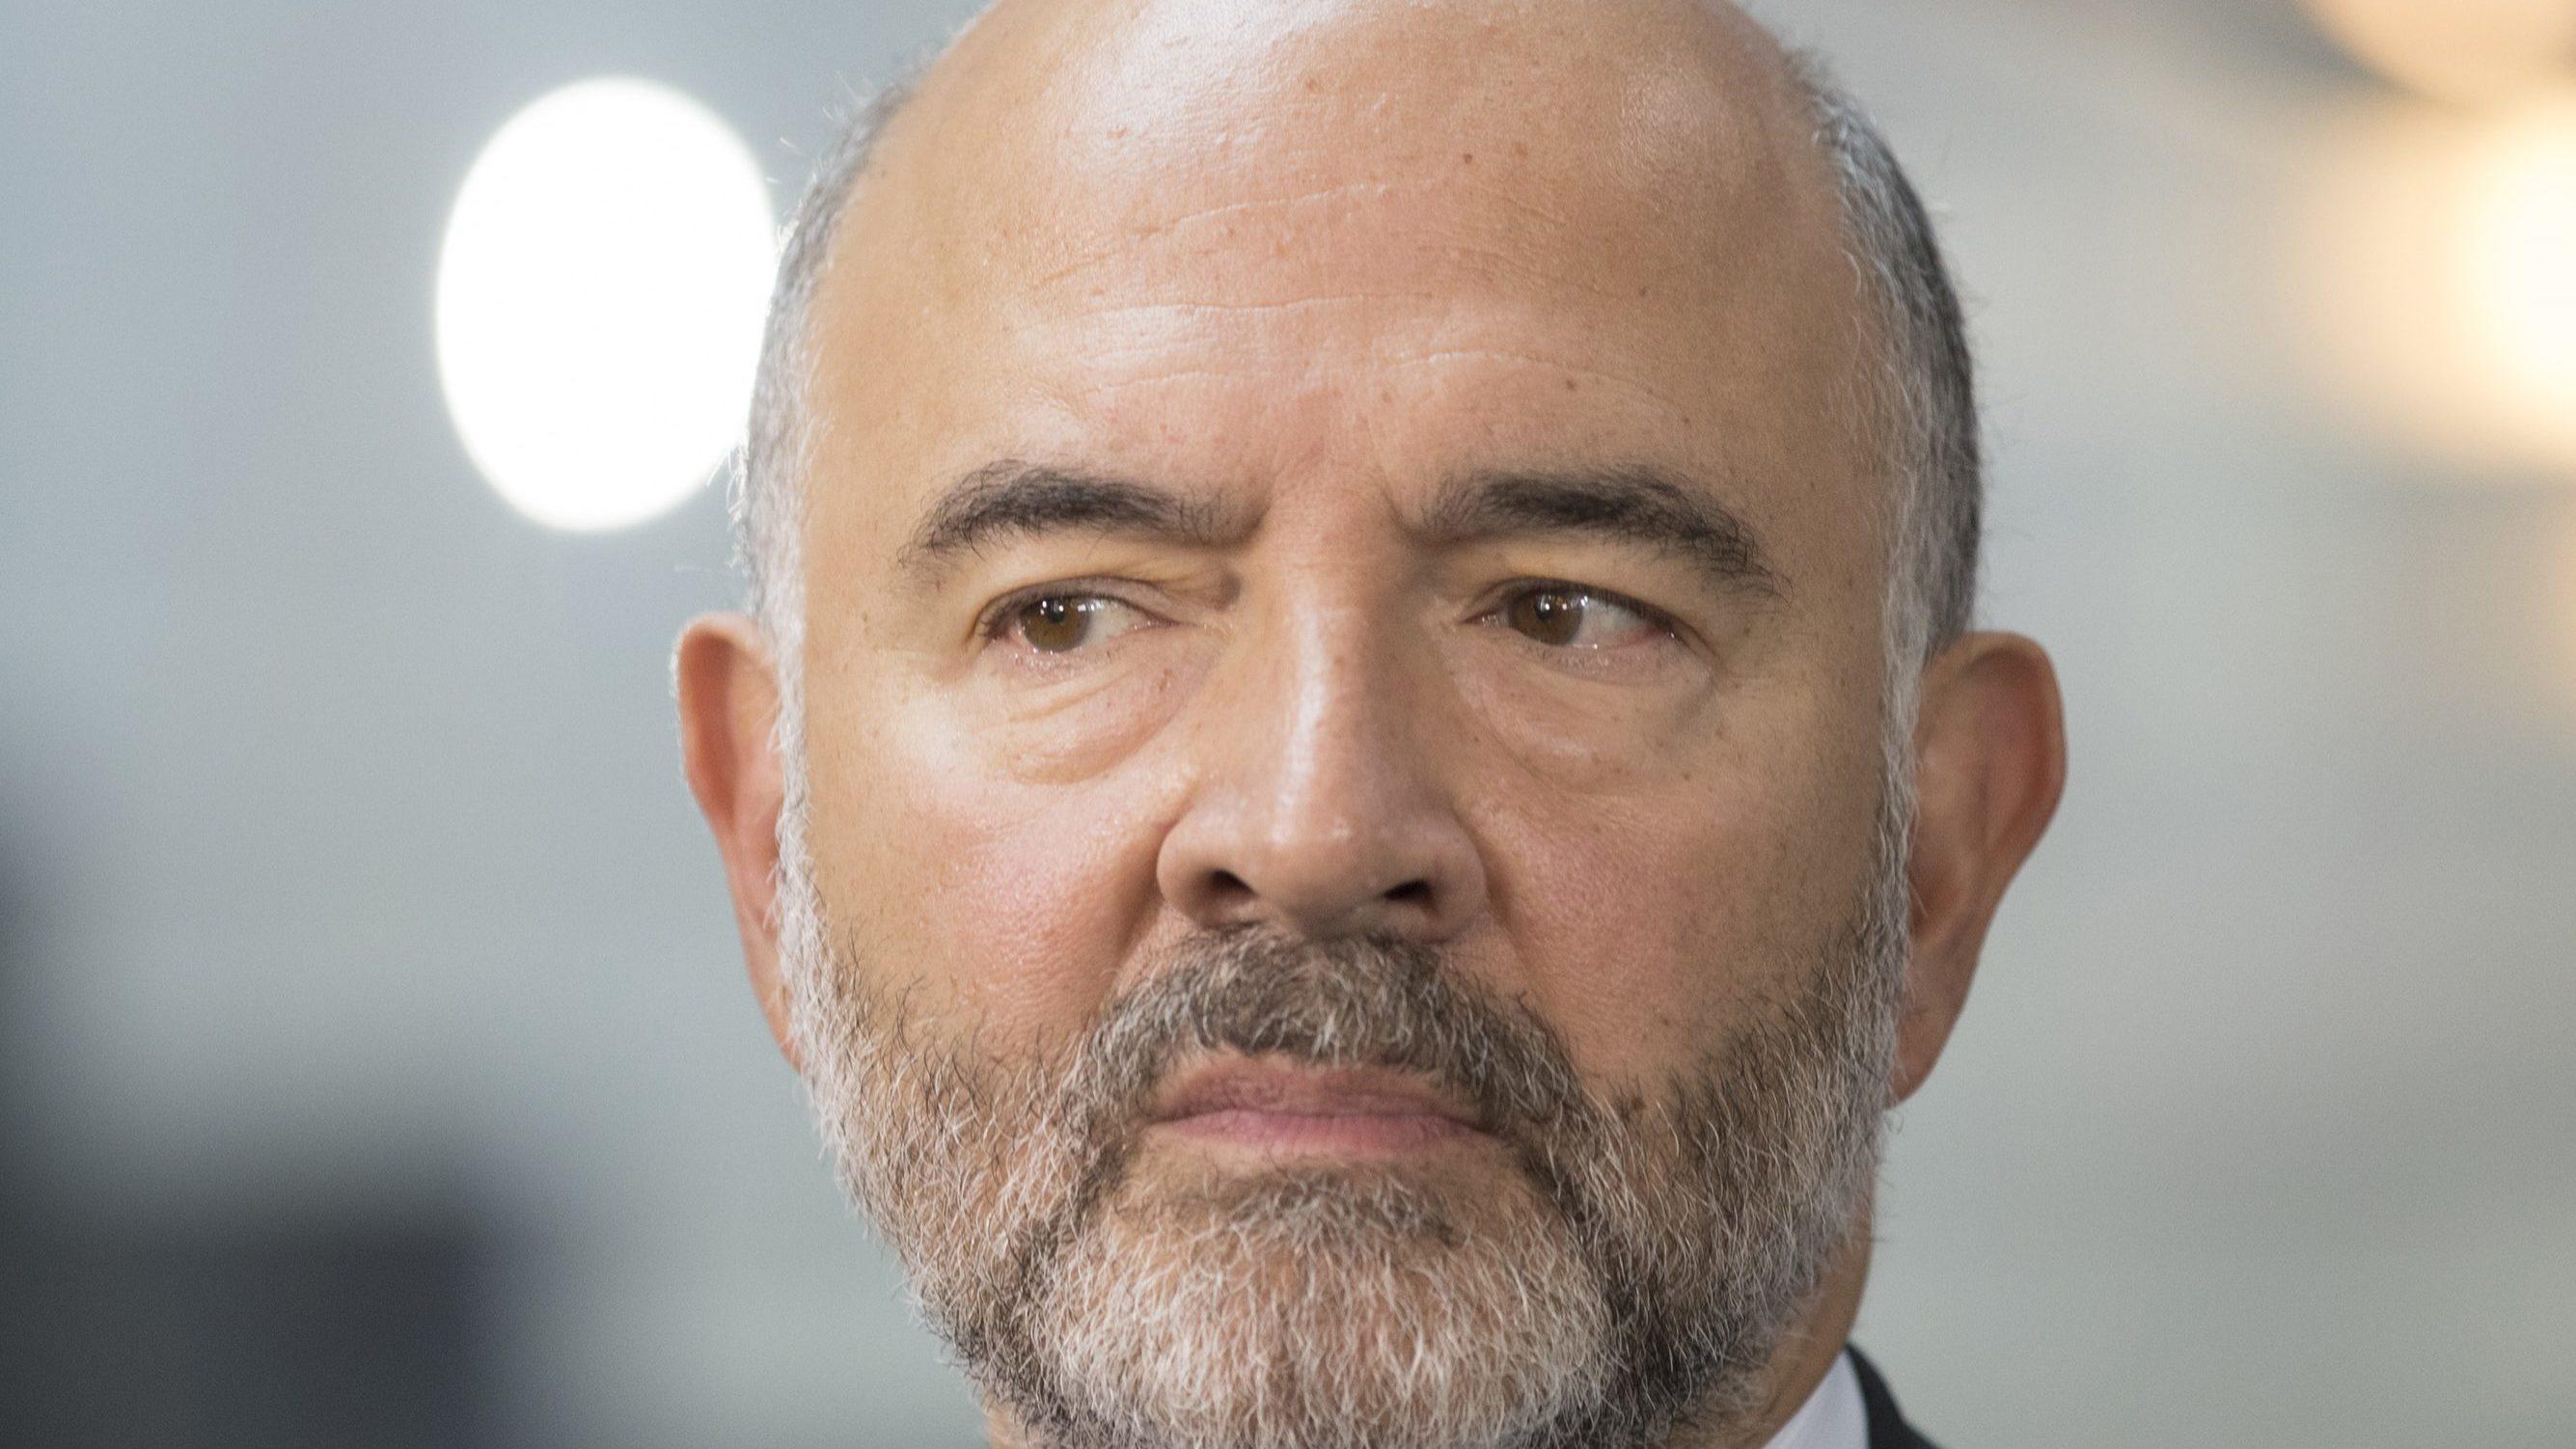 Bruxelas opina sobre projetos orçamentais mas de Portugal só tem 'rascunho'